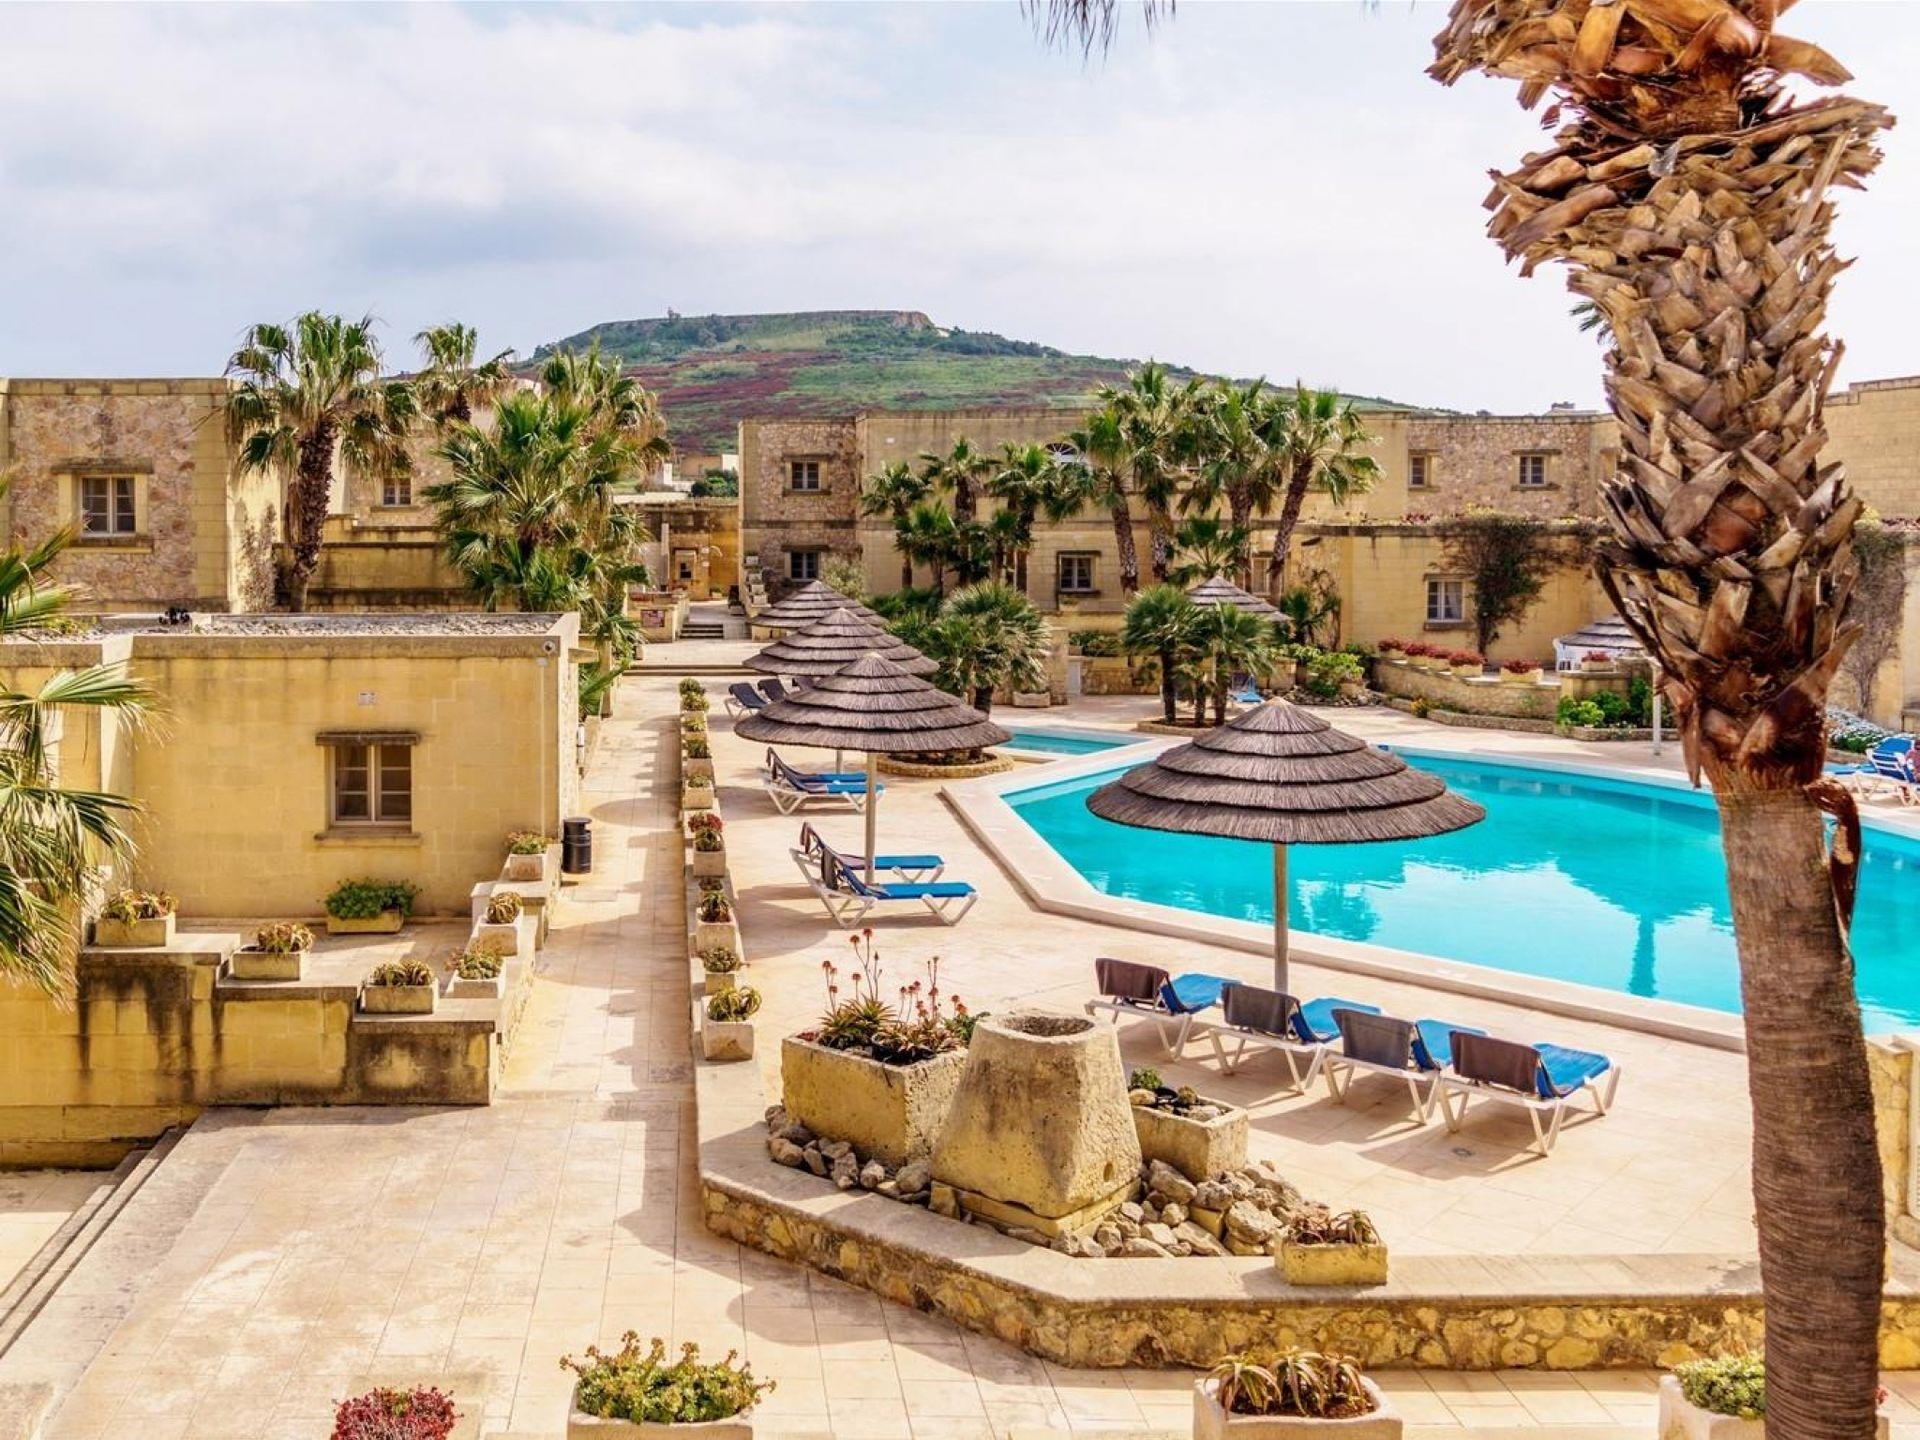 Một khu nghỉ dưỡng tại Birkirkara, Malta